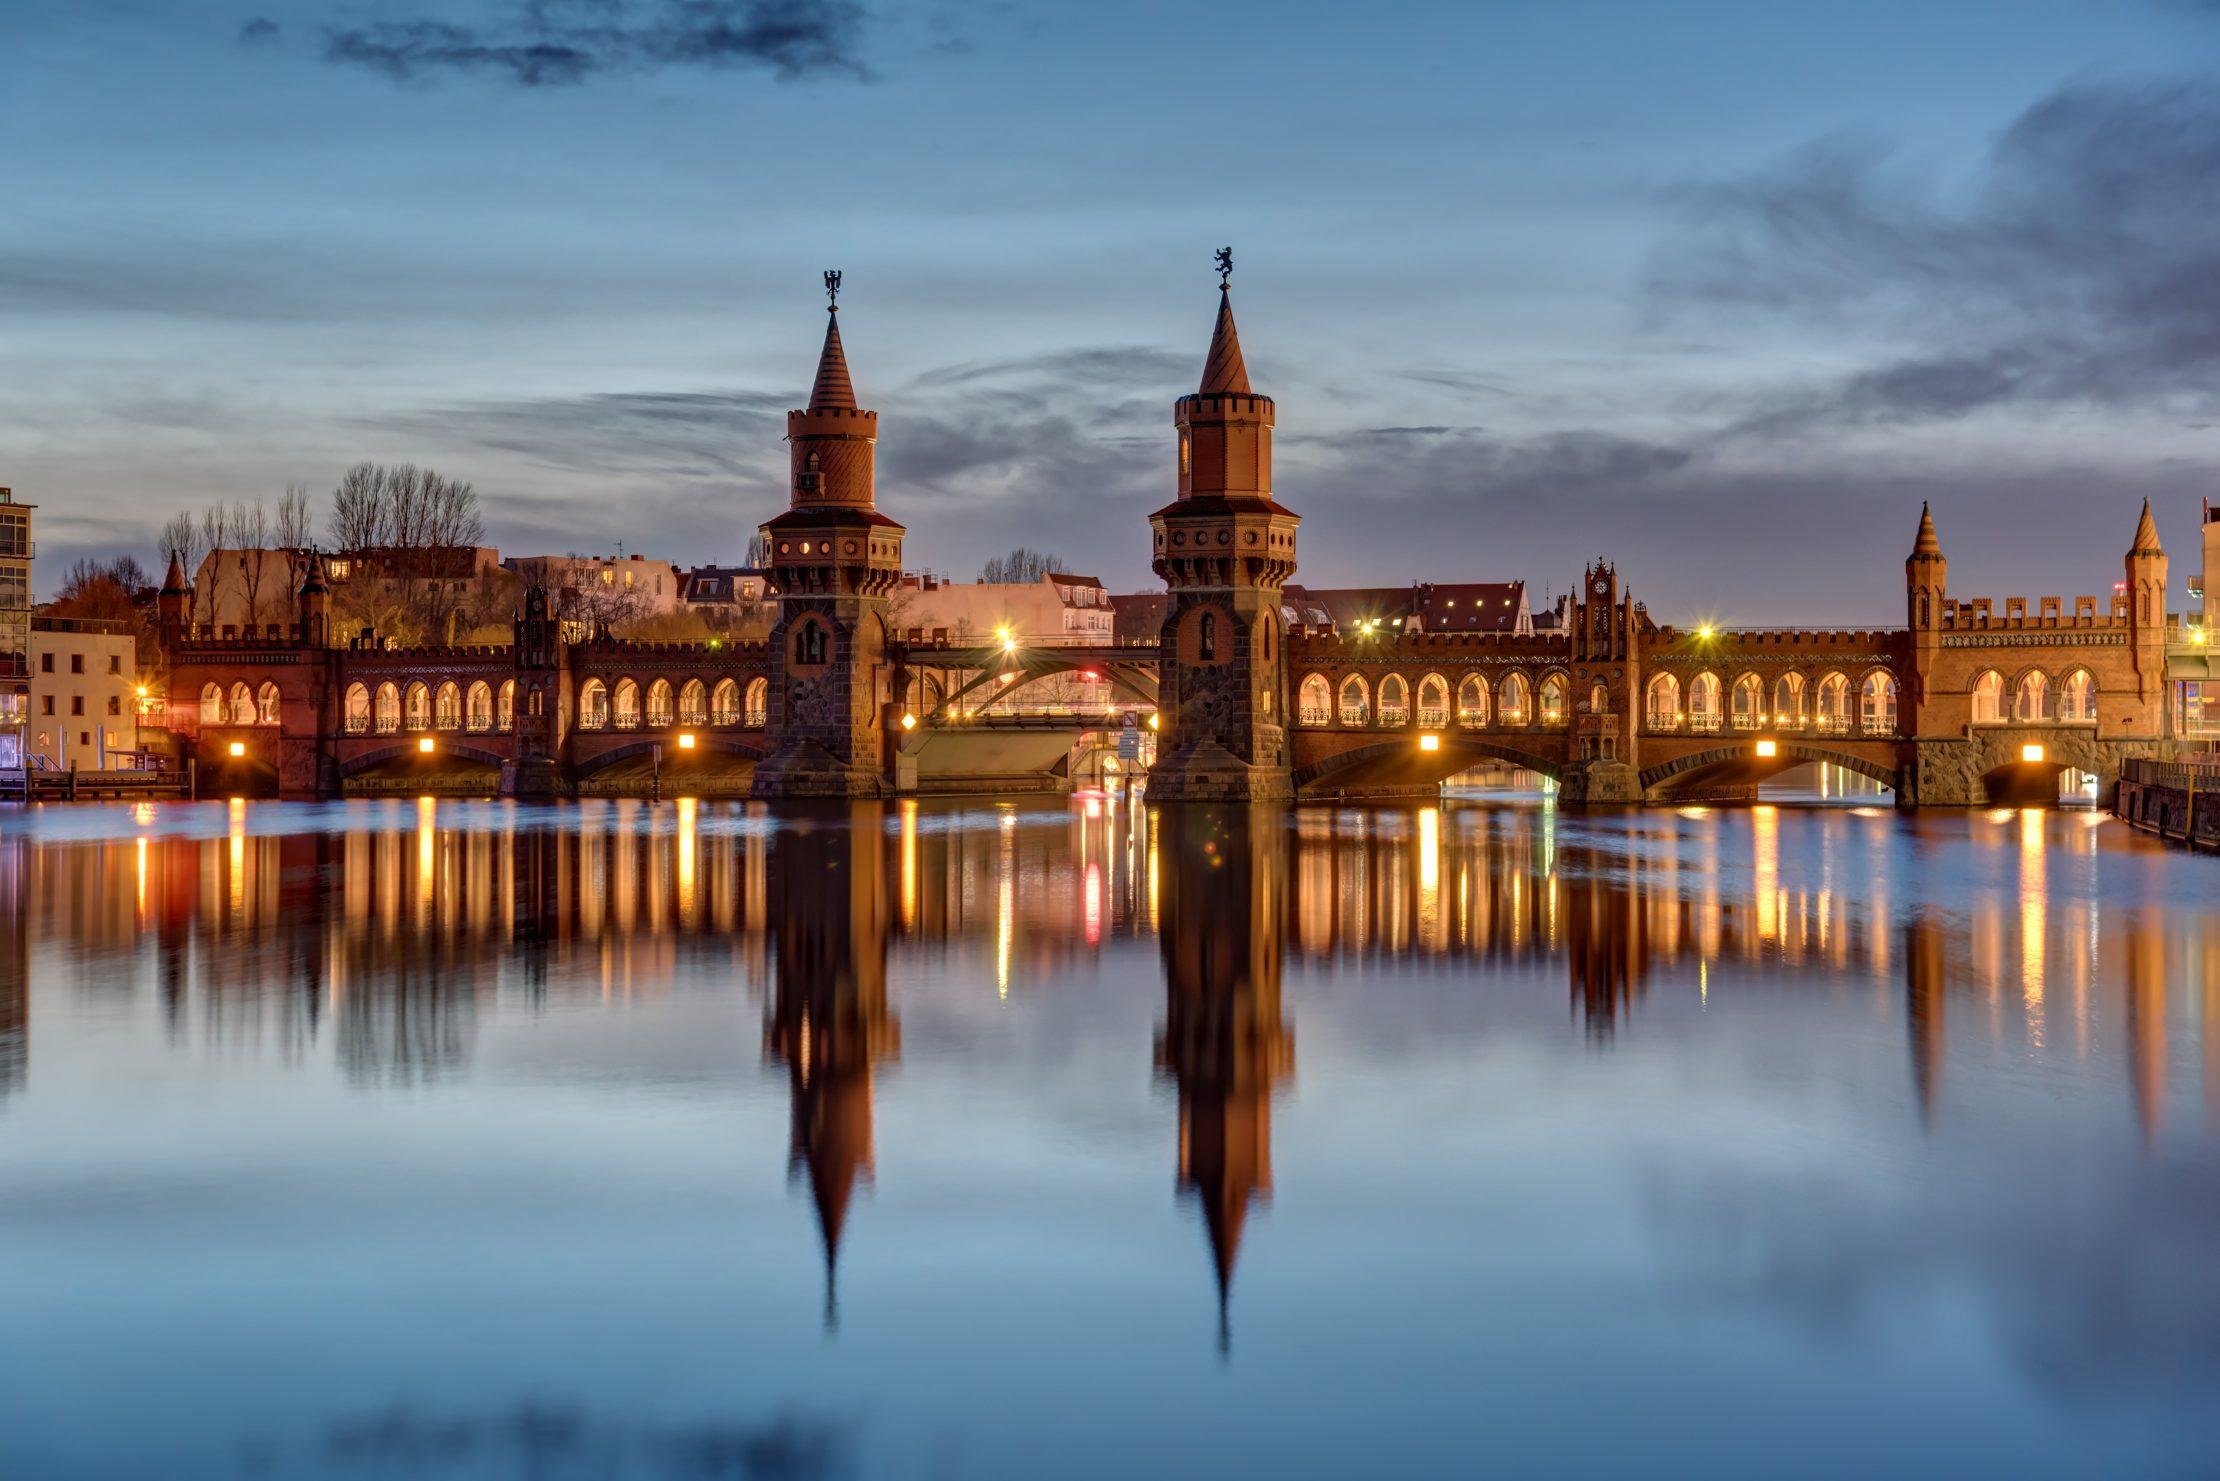 Bridges in Berlin